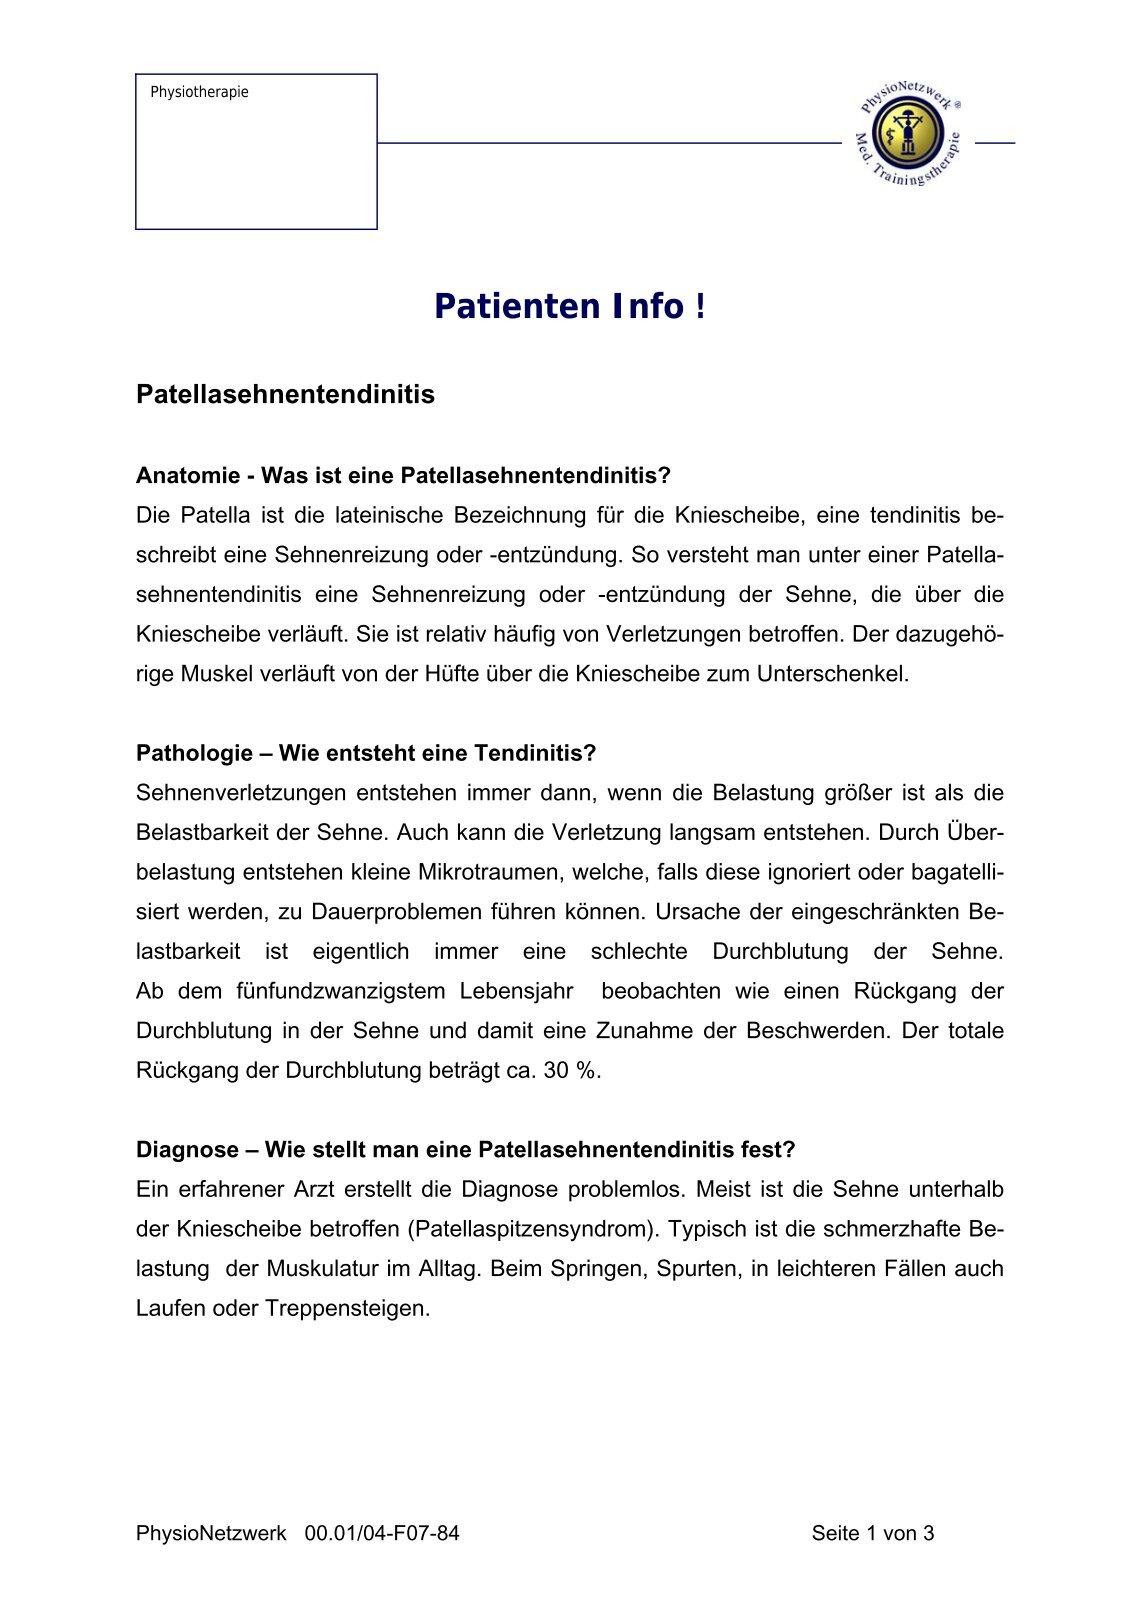 Großzügig Anatomie Und Physiologie Kritische Denken Fragen Galerie ...